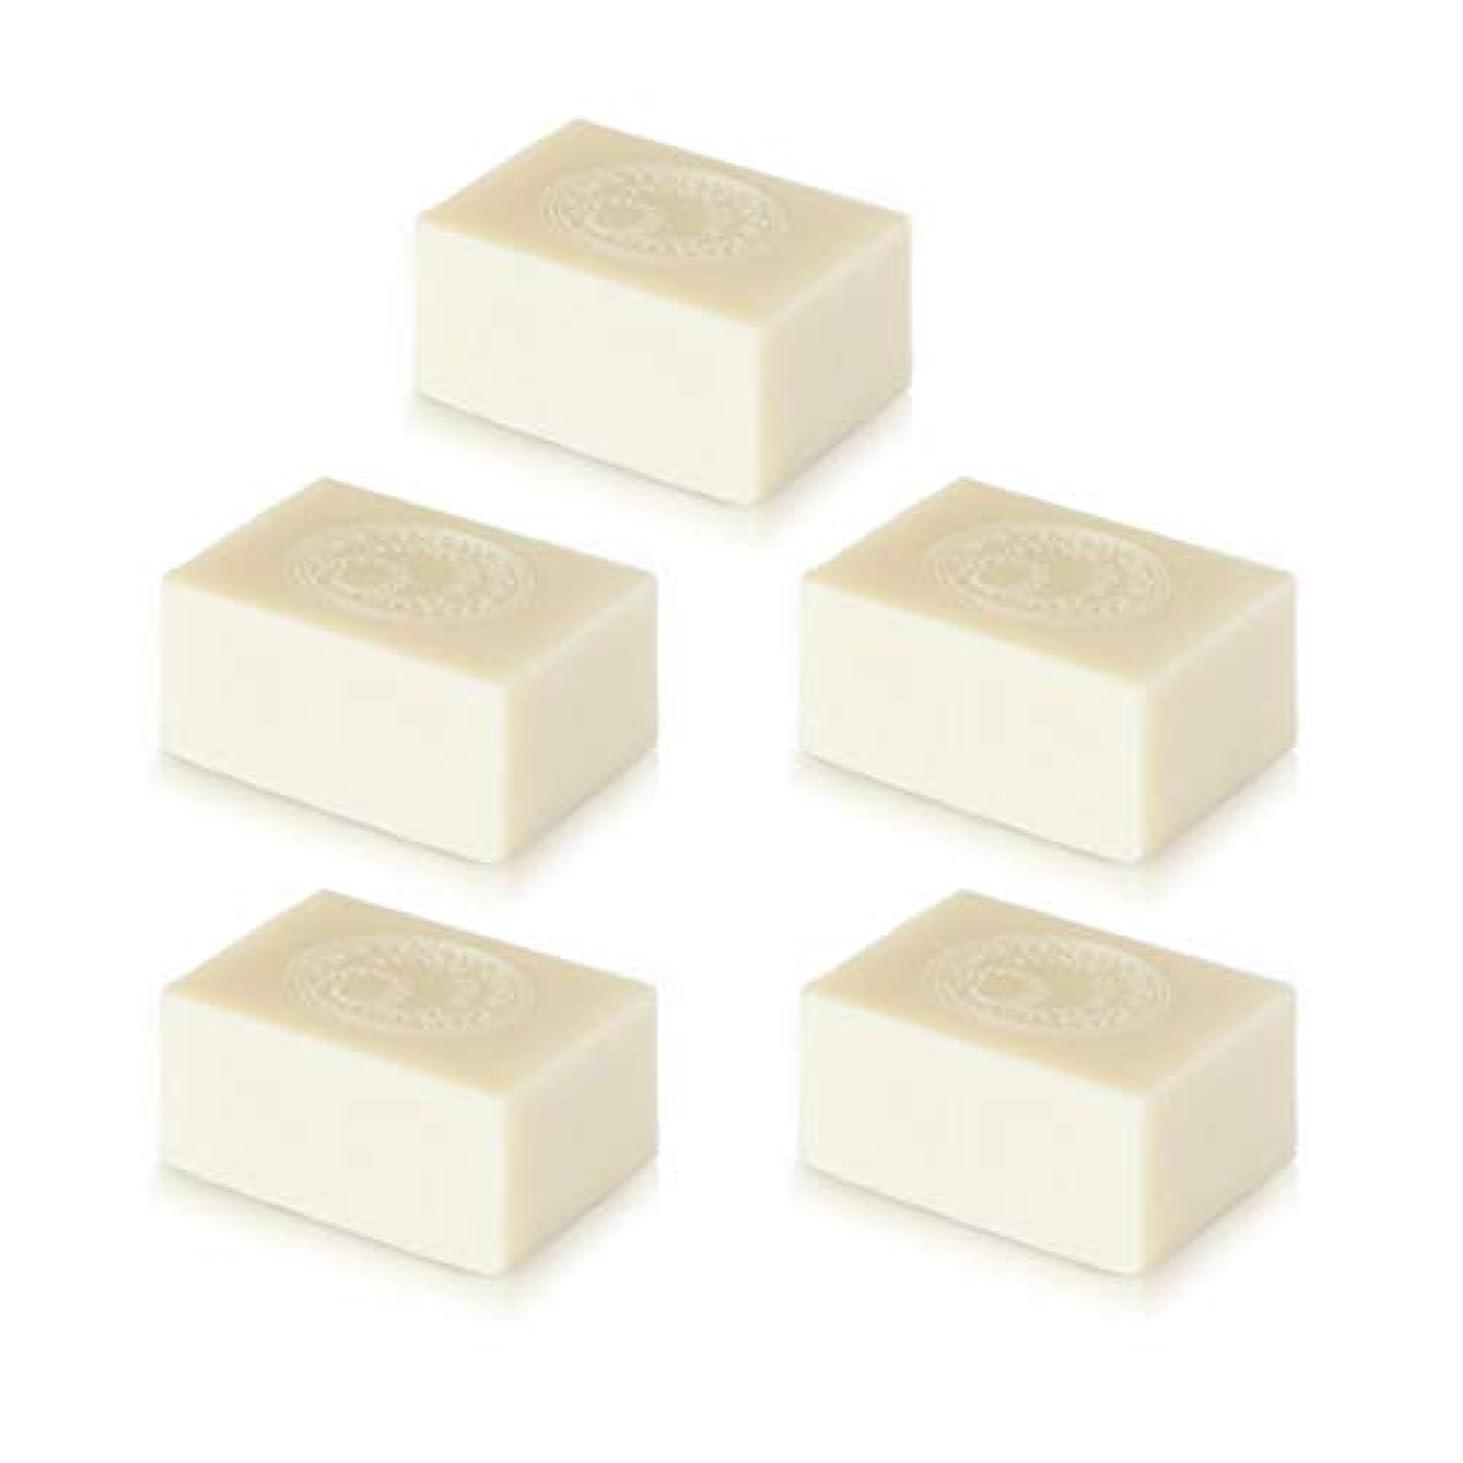 悪名高いレンズアセナイアード アルガン石鹸5個セット( 145g ×5個)無添加アルガン石鹸